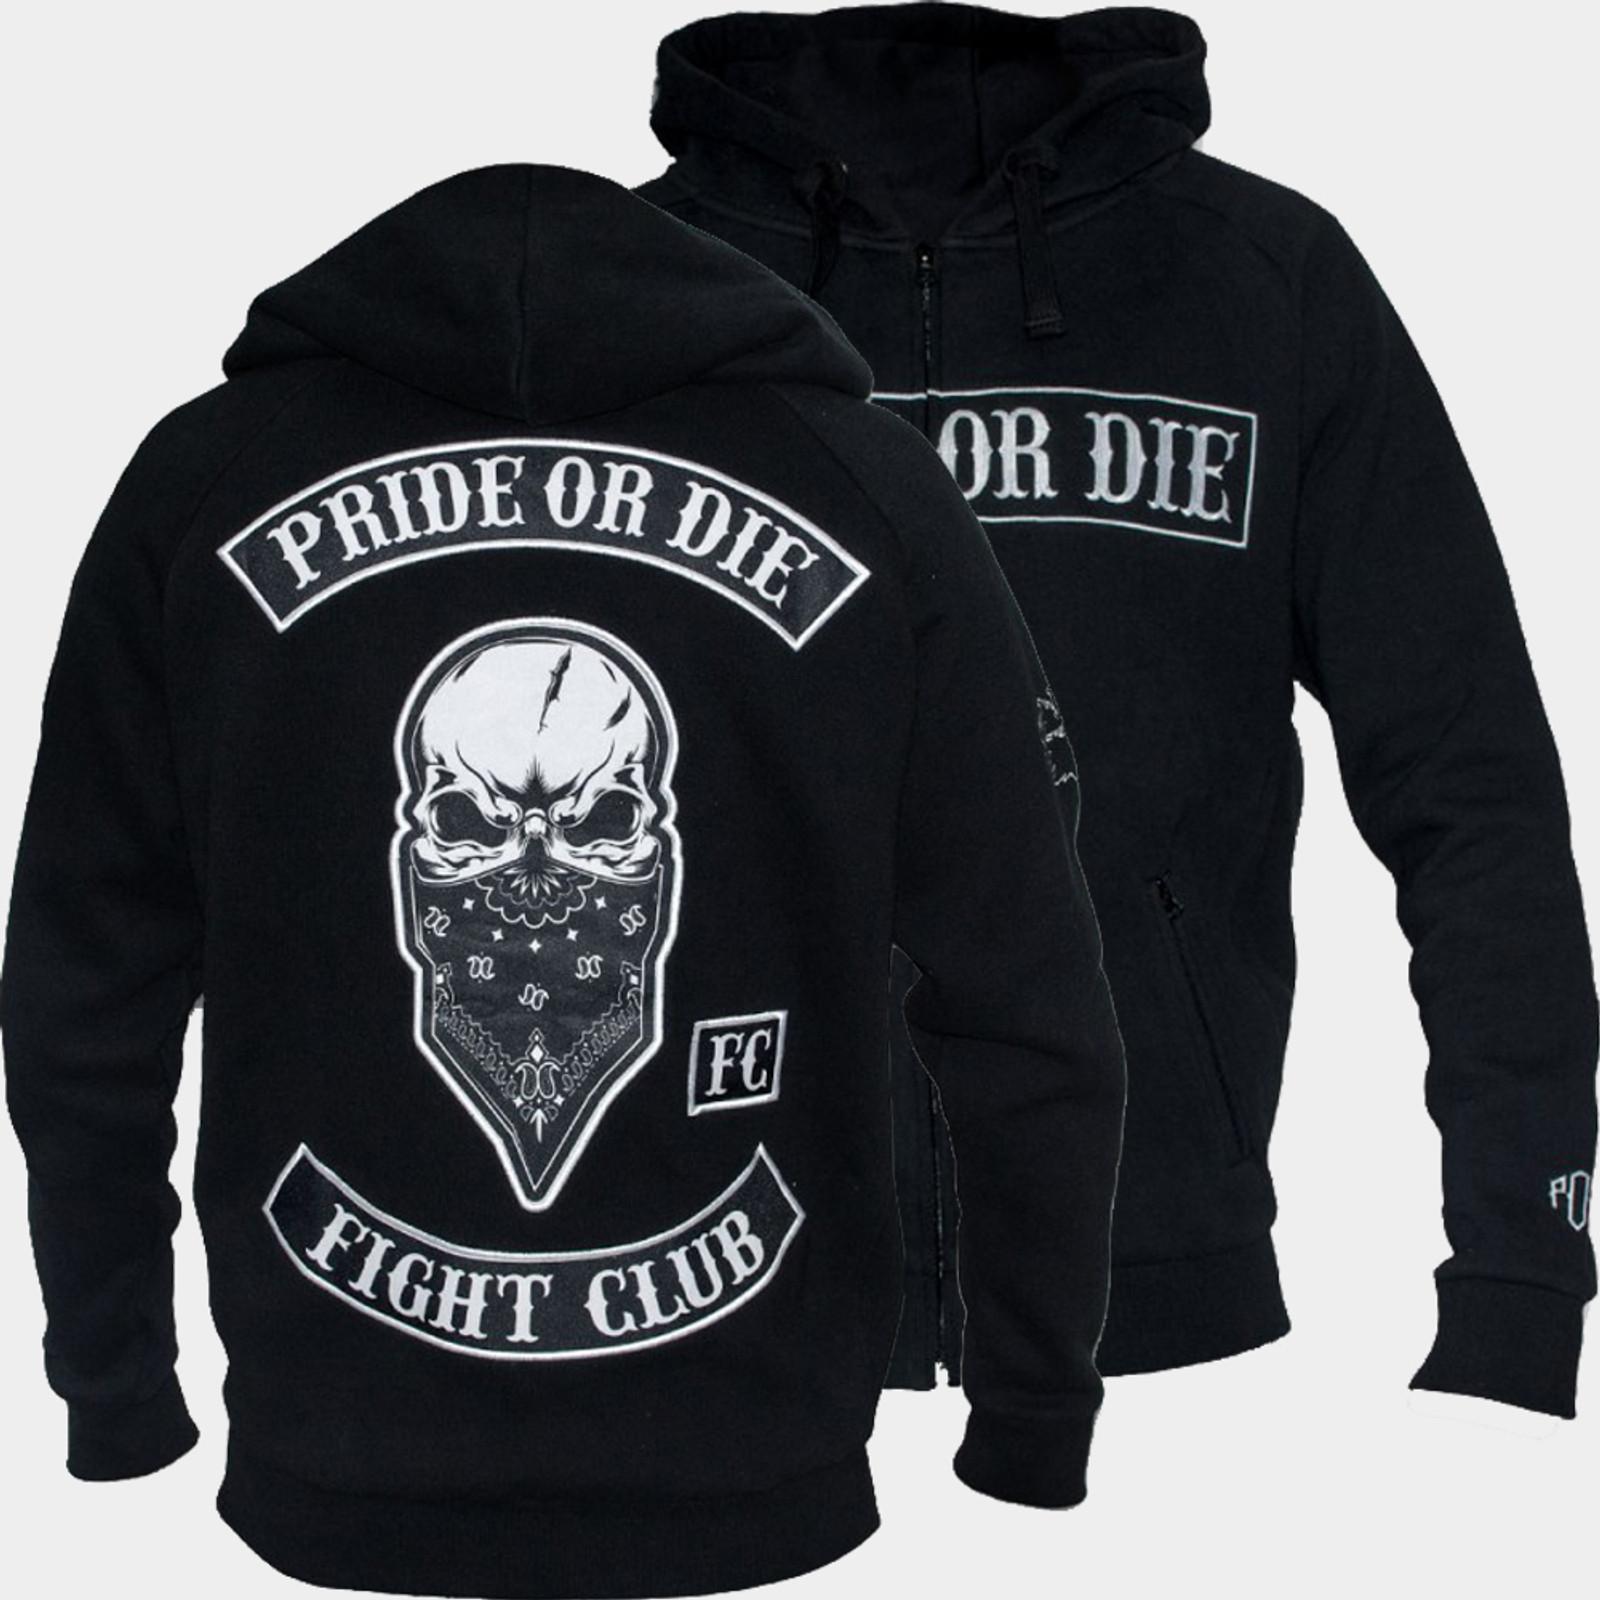 PRiDE or DiE Herren Zip-Hoodie Fight Club